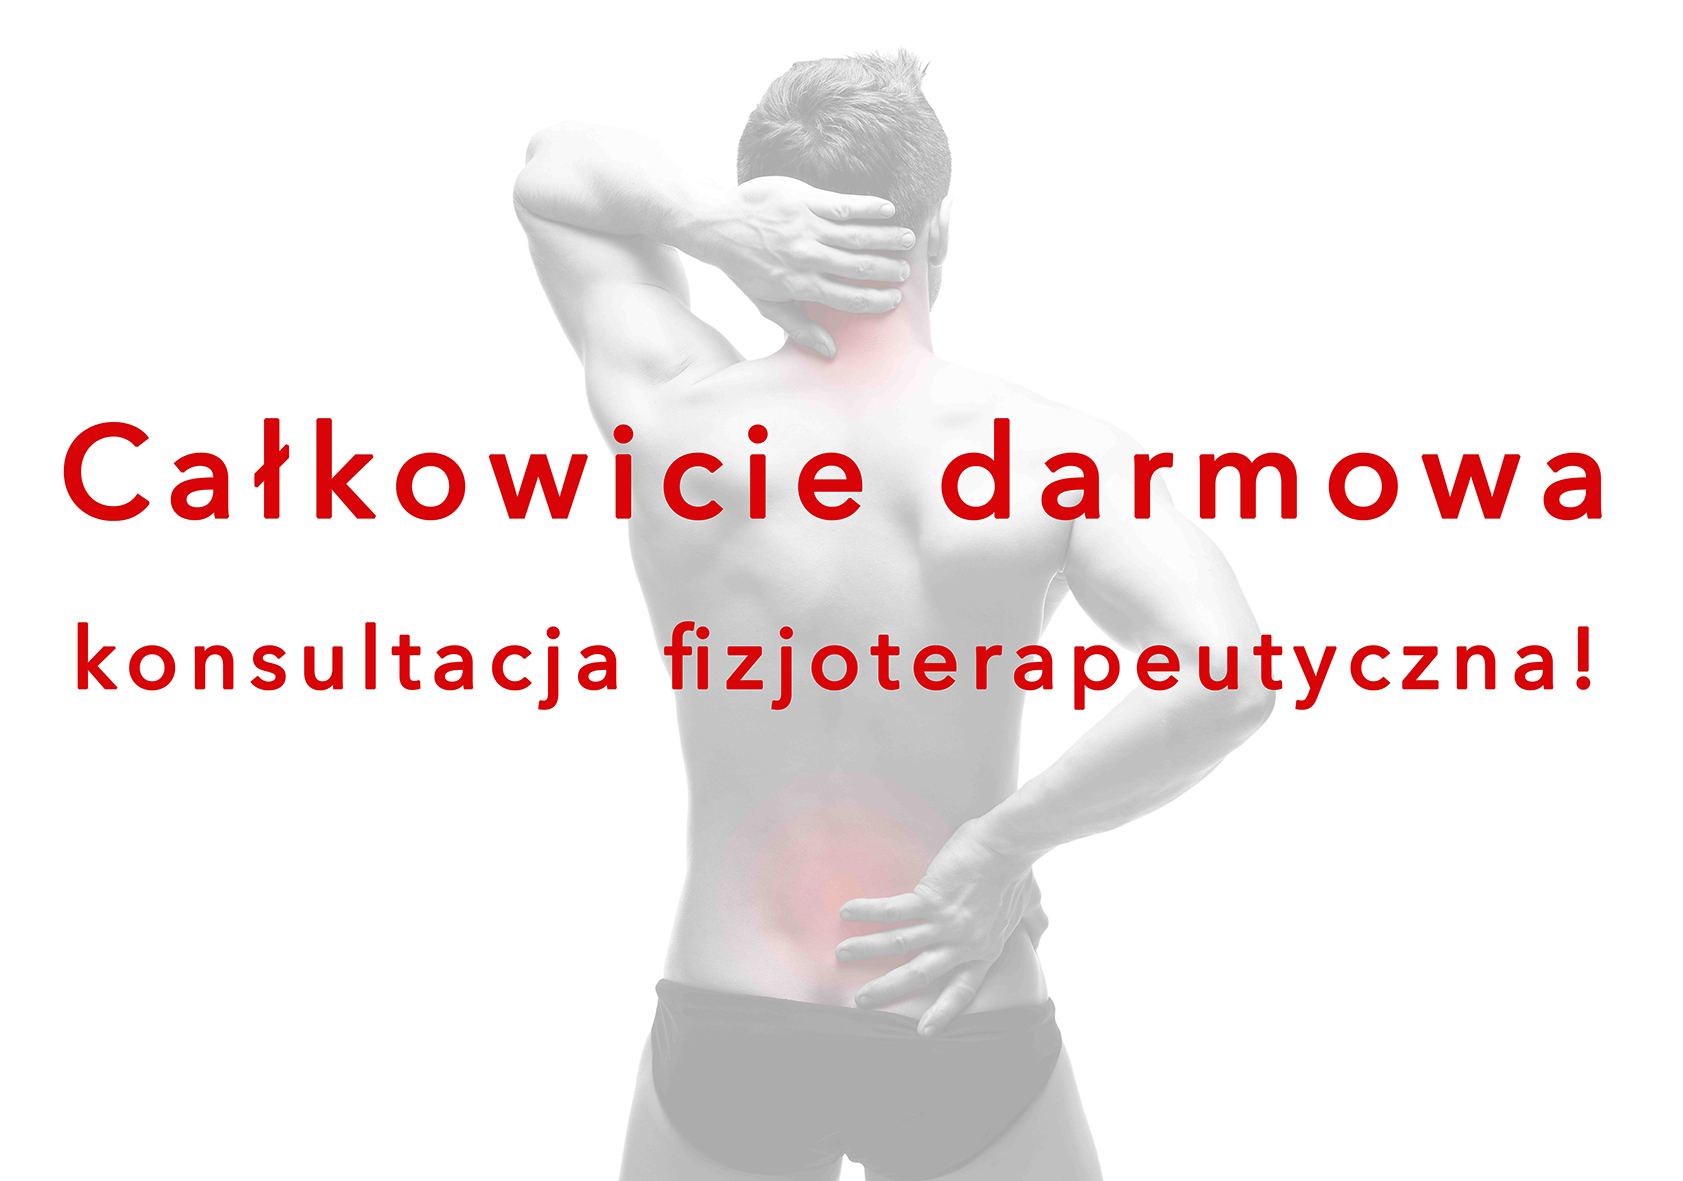 Darmowa konsultacja fizjoterapeutyczna